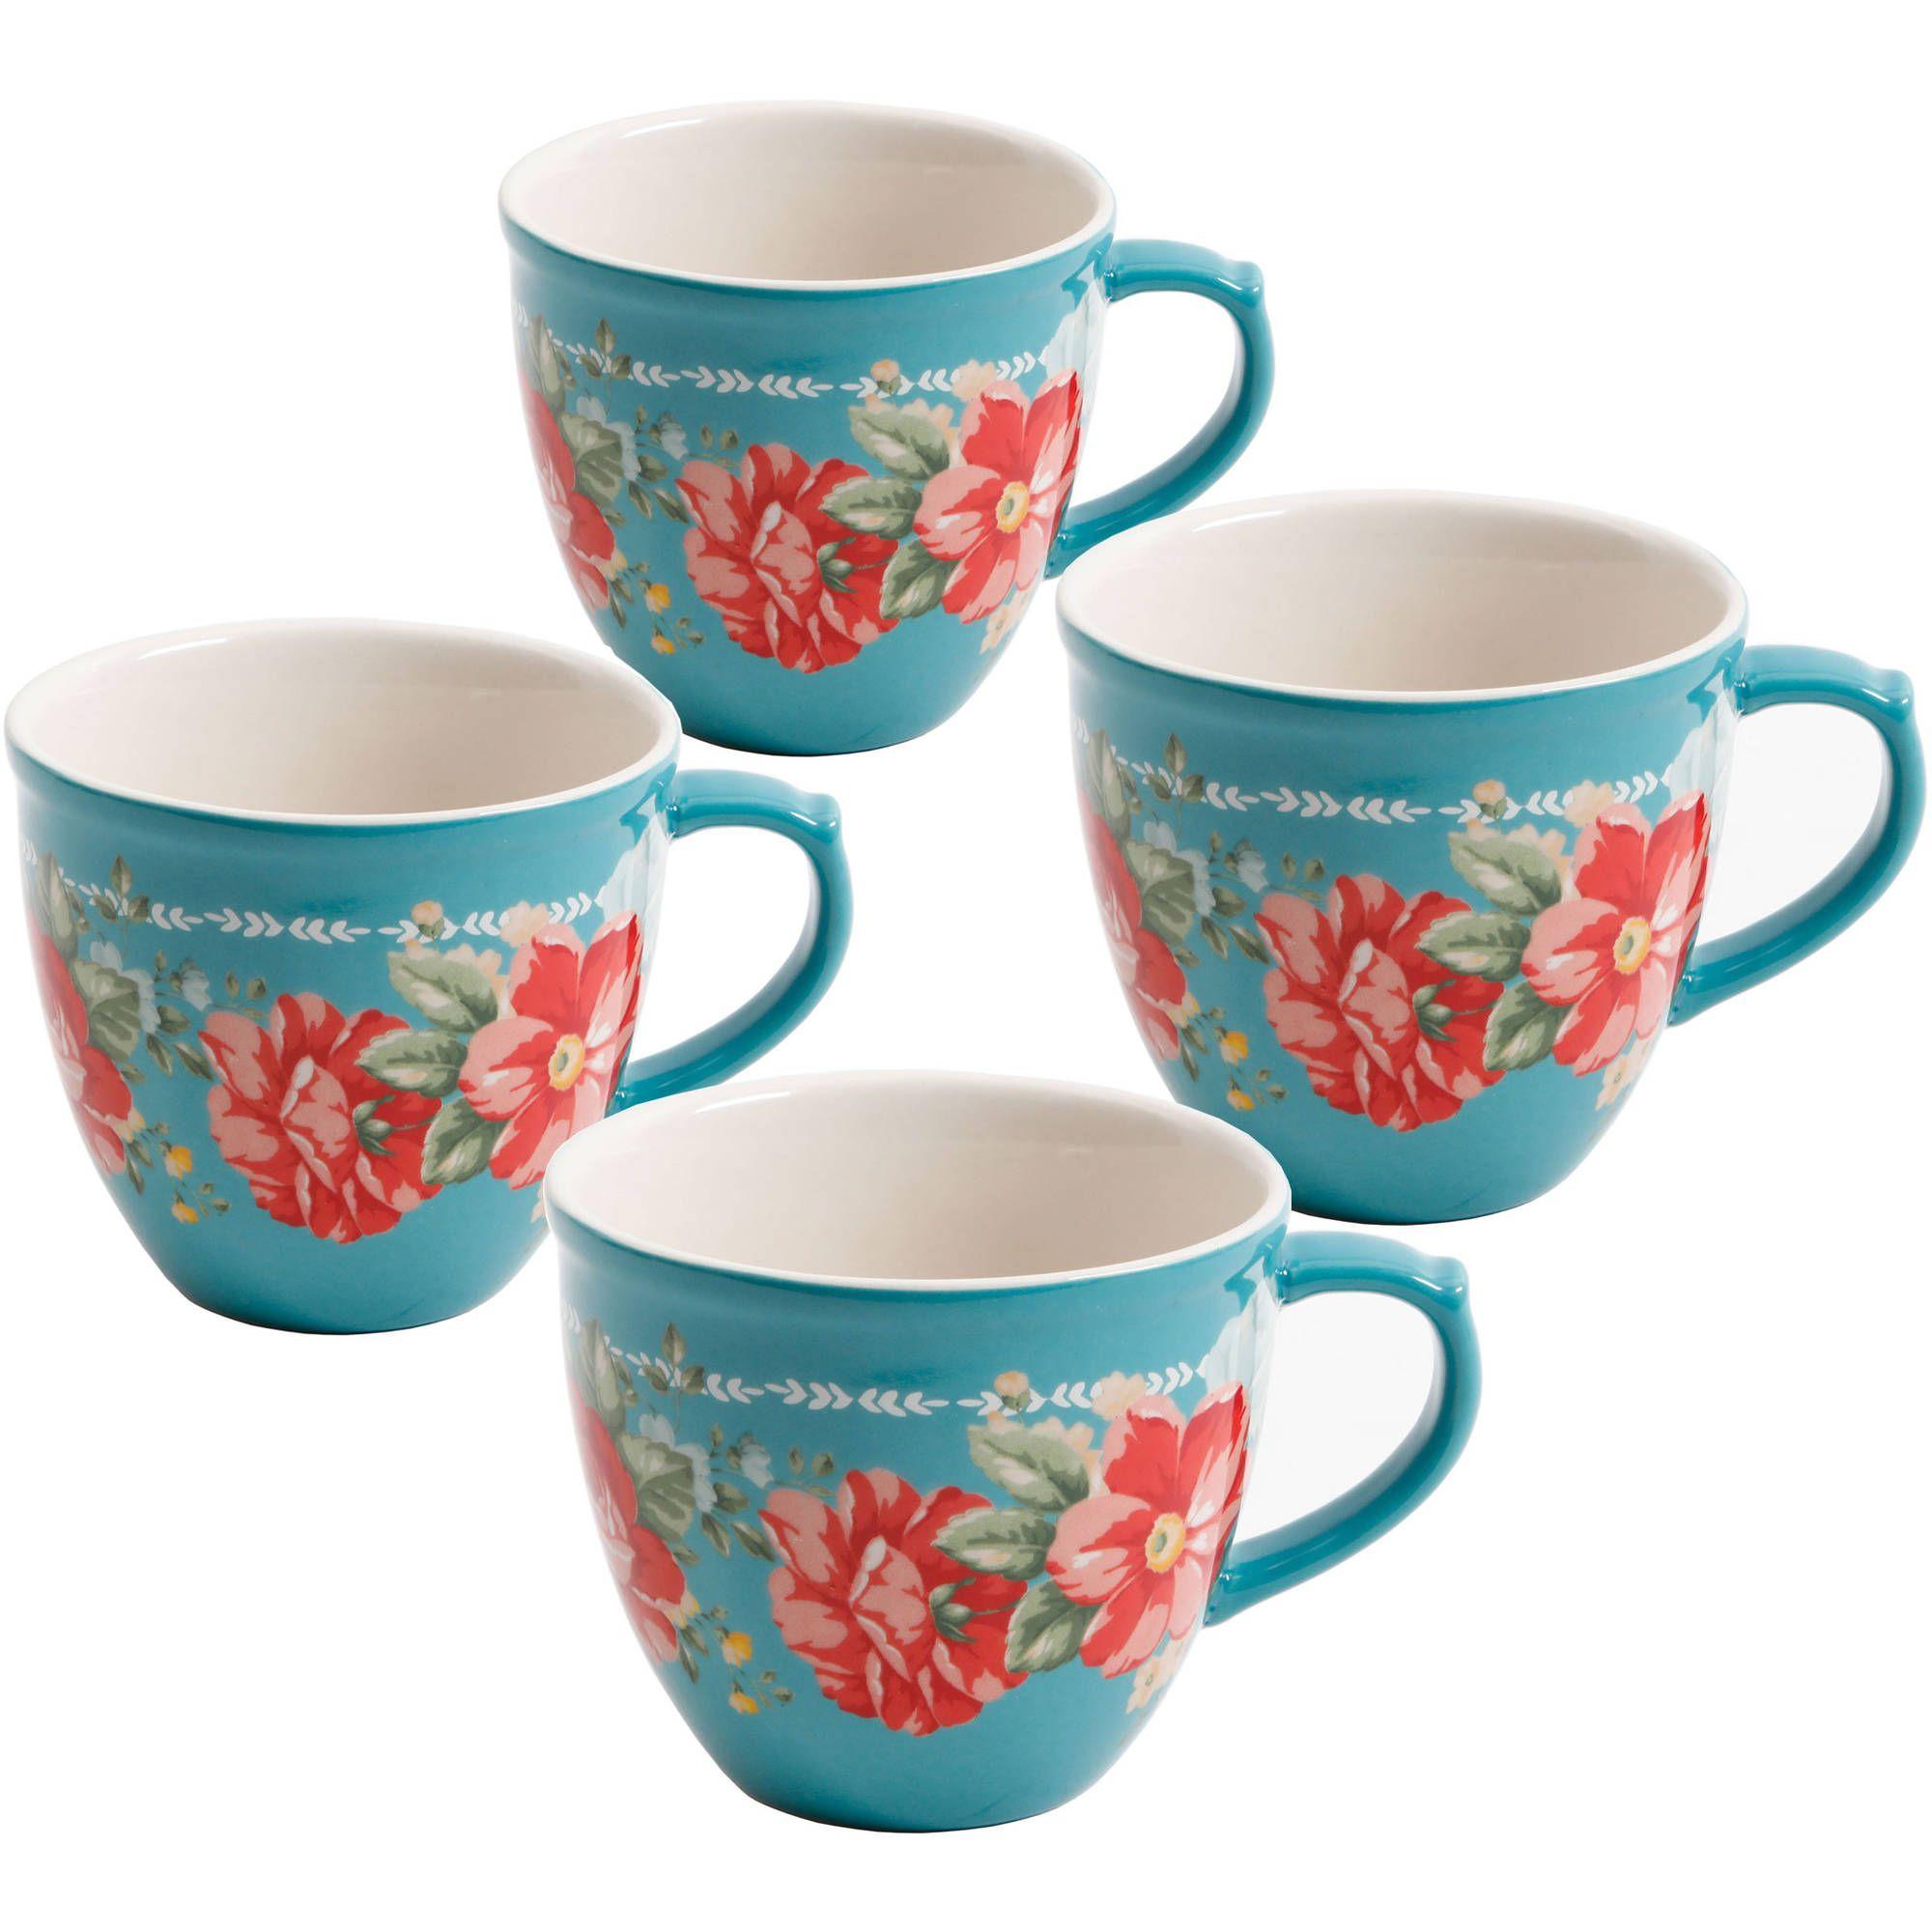 Home in 2020 Mugs set, Pioneer woman, Mugs